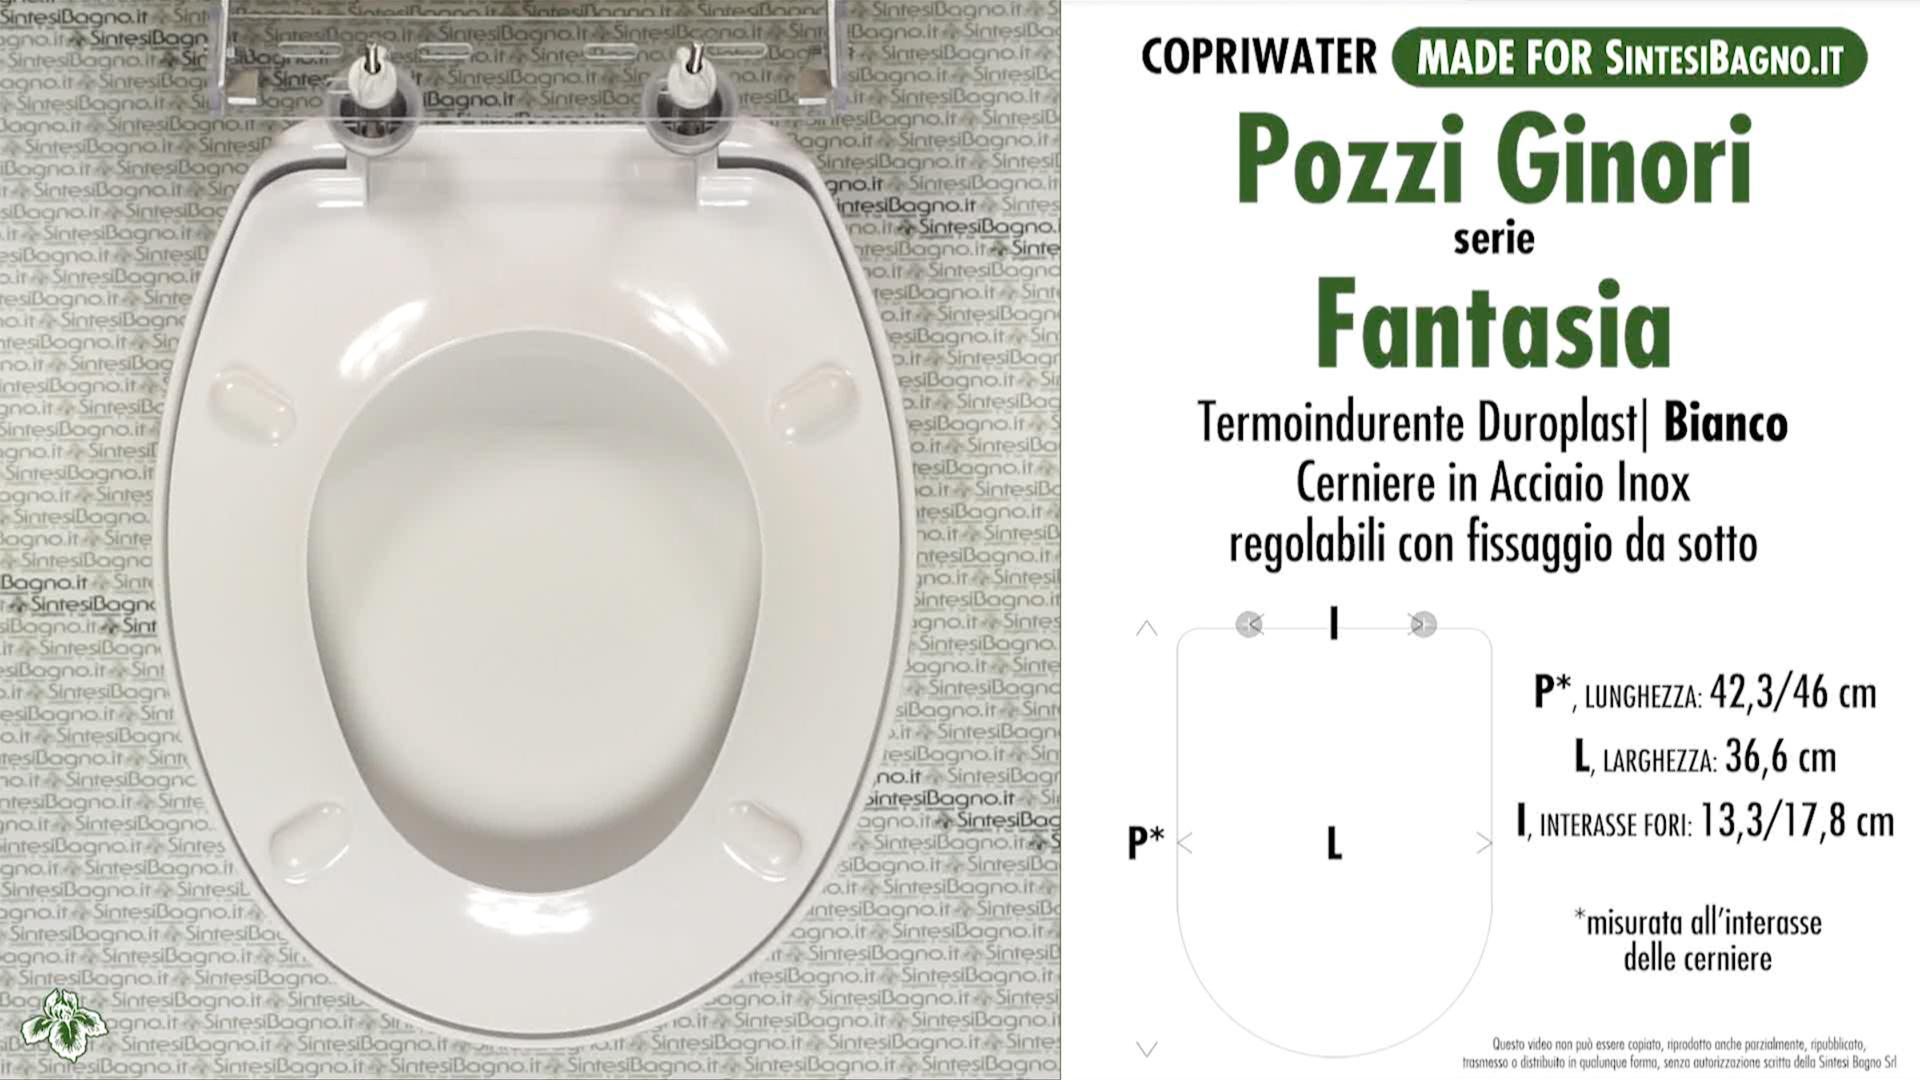 Pozzi Ginori Sedile Wc.Copriwater Per Wc Fantasia Pozzi Ginori Ricambio Dedicato Duroplast Sintesibagno Shop Online